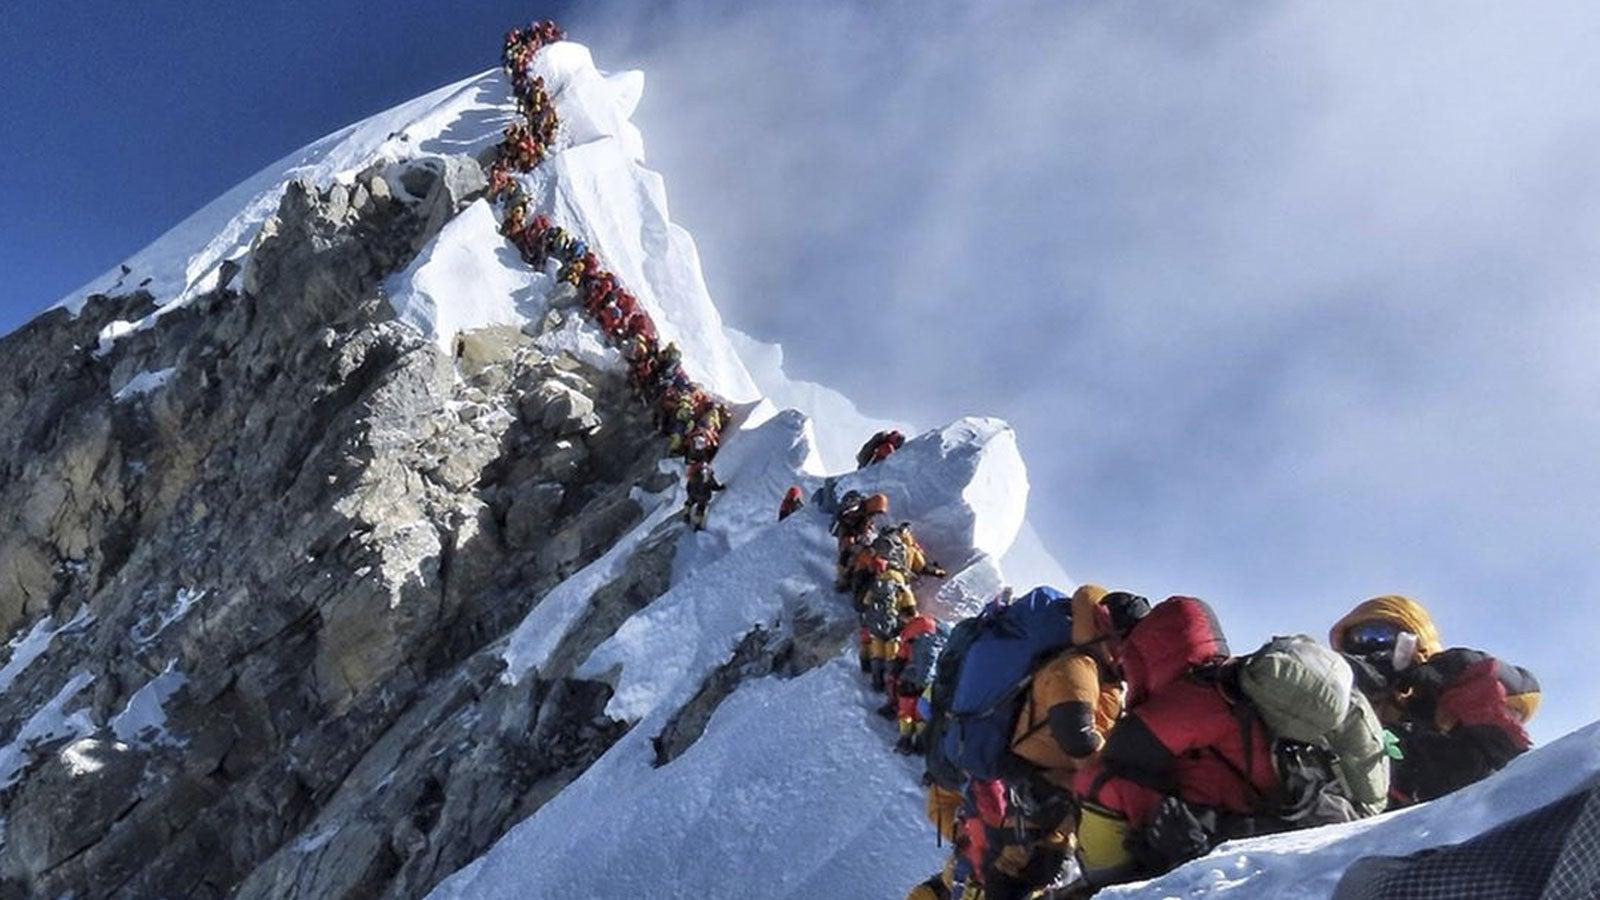 Wegen Corona-Angst: China sagt alle Touren auf den Mount Everest ab   The Weather Channel - Artikel von The Weather Channel   weather.com